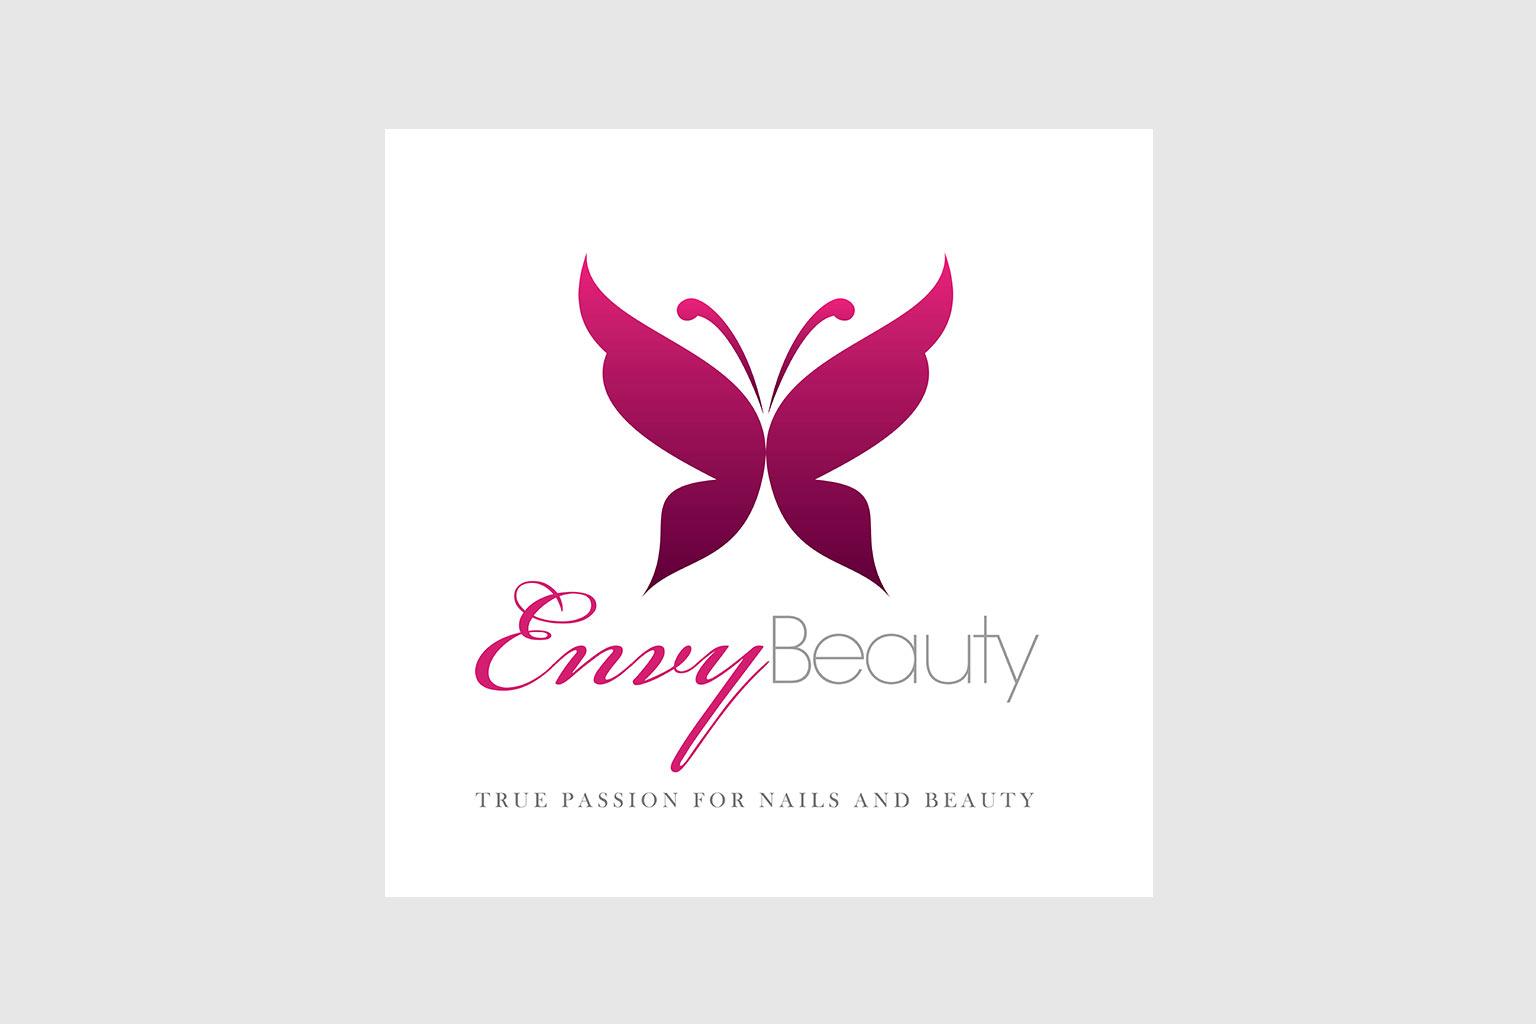 envy beauty logo design